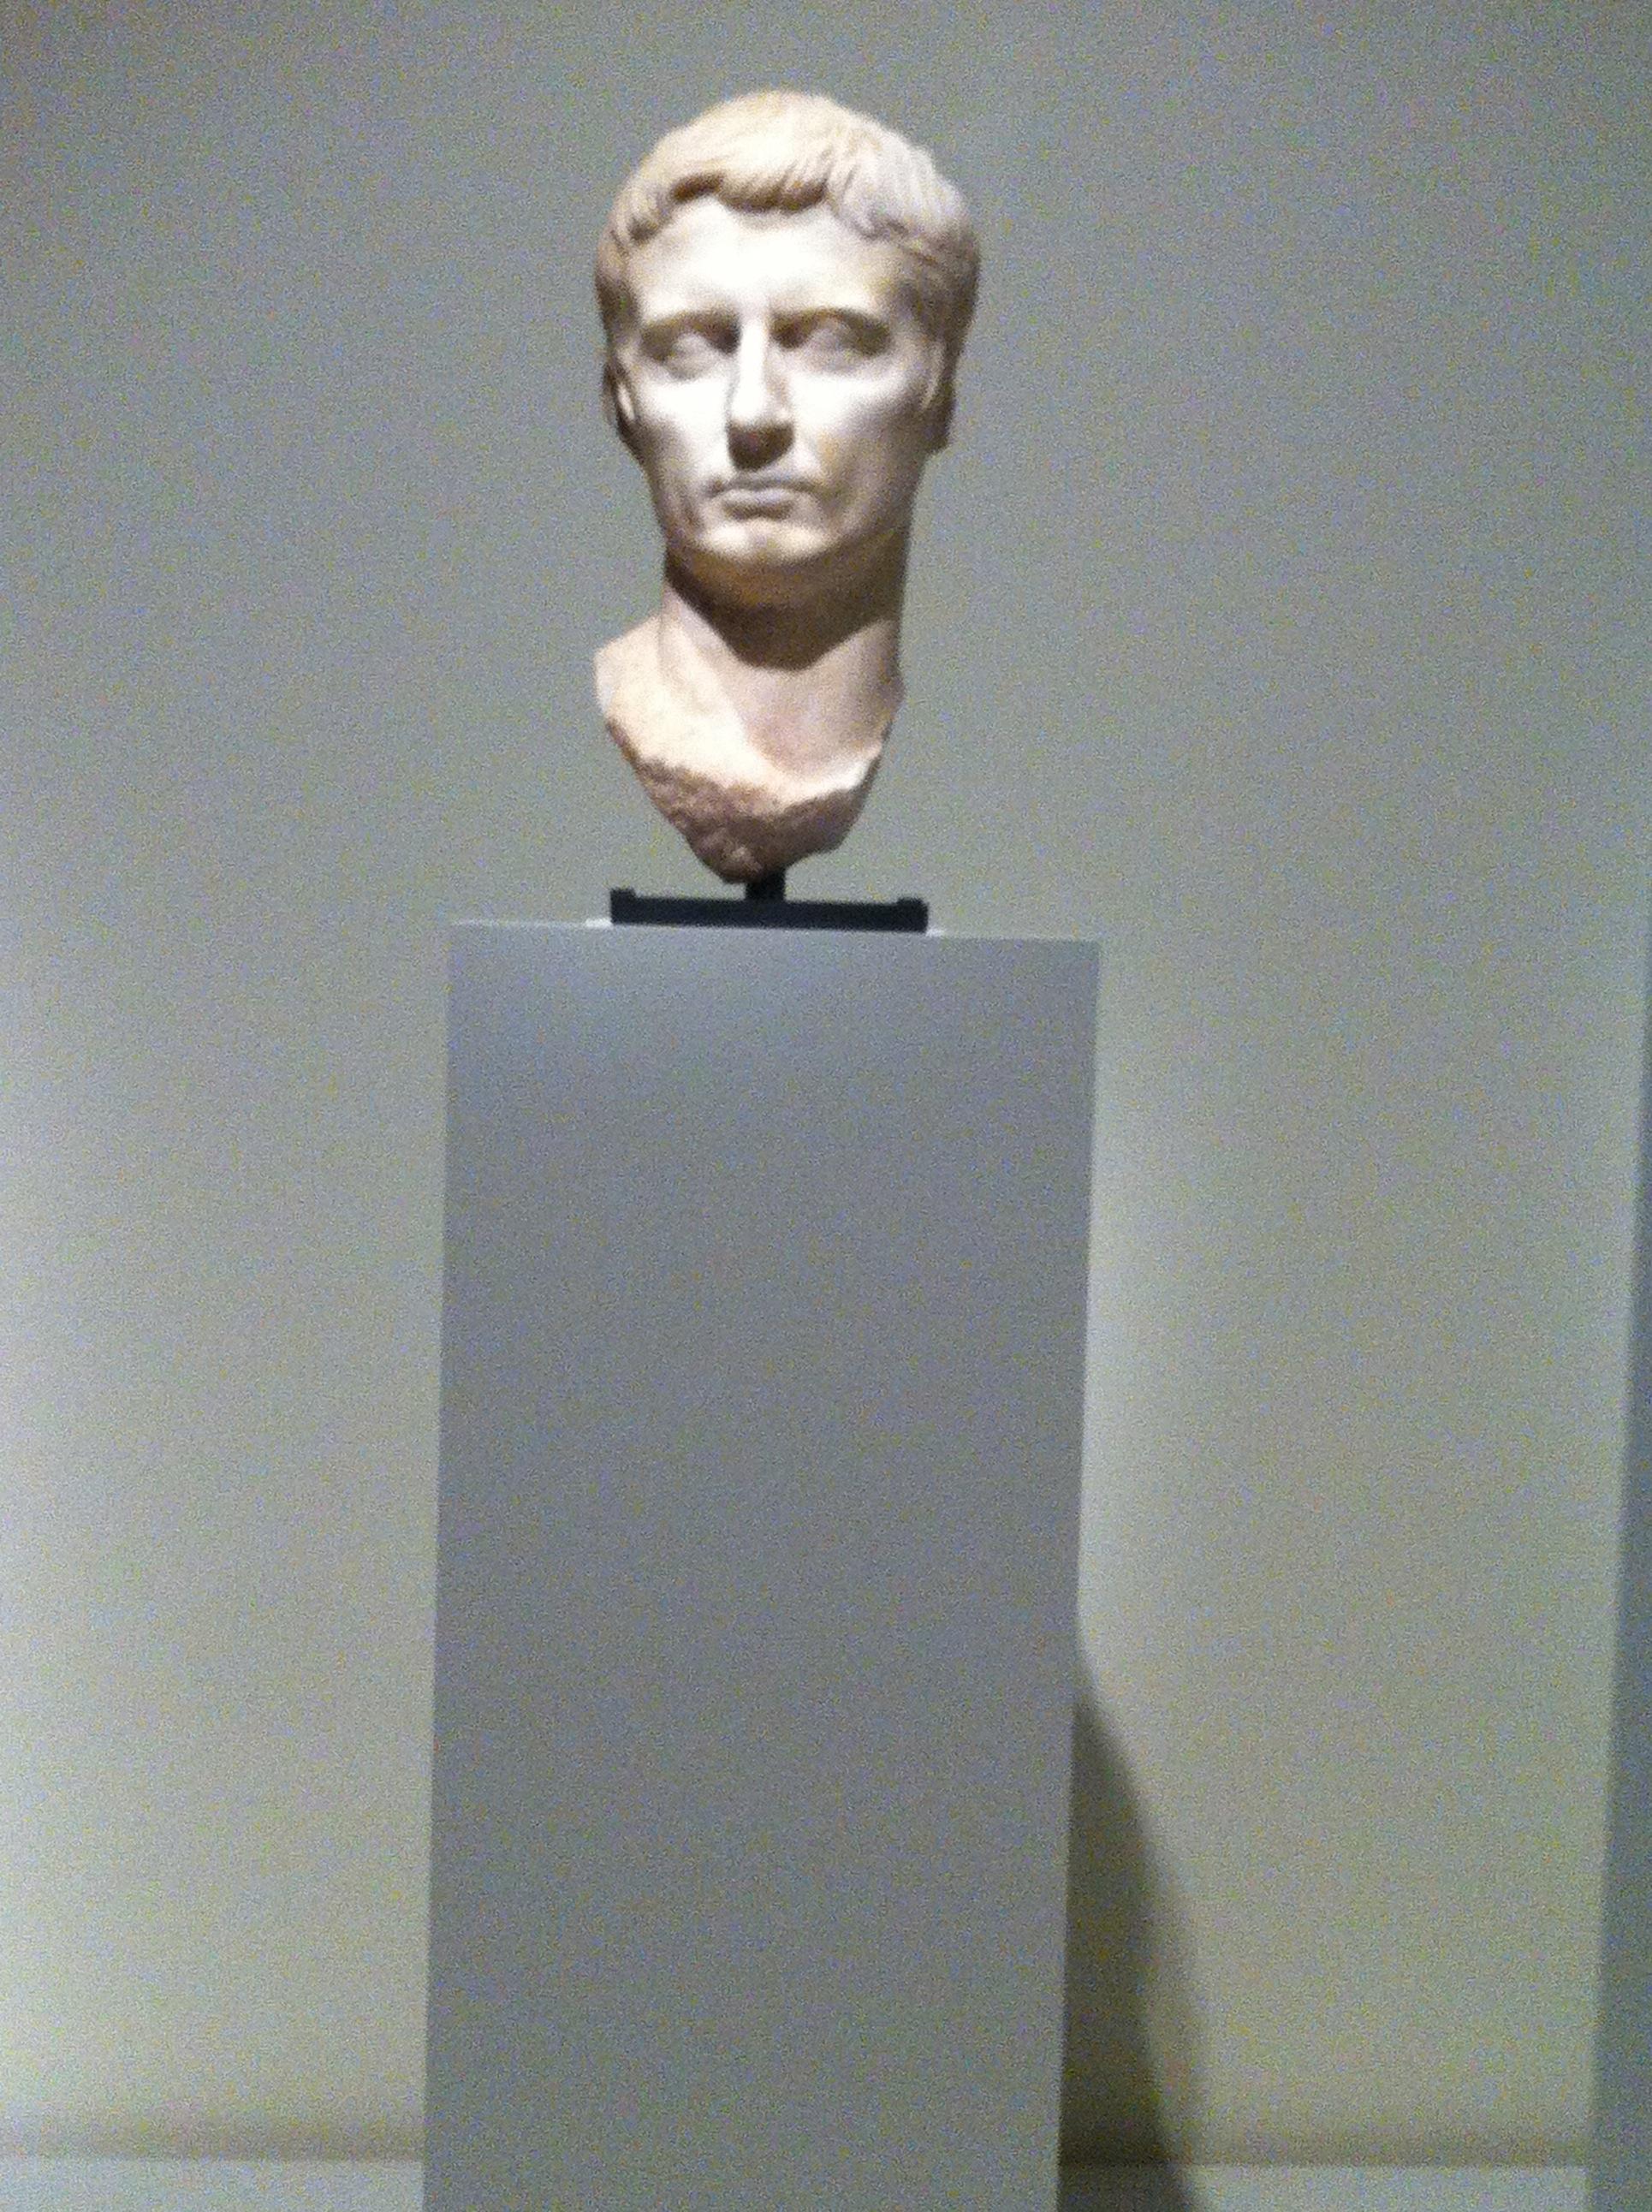 Auguste, Rome, 1er siècle apr. J.-C., marbre. Entre le Grand Palais, où il tient la vedette, la Pinacothèque, aux côtés de Cléopâtre, l'empereur est partout !